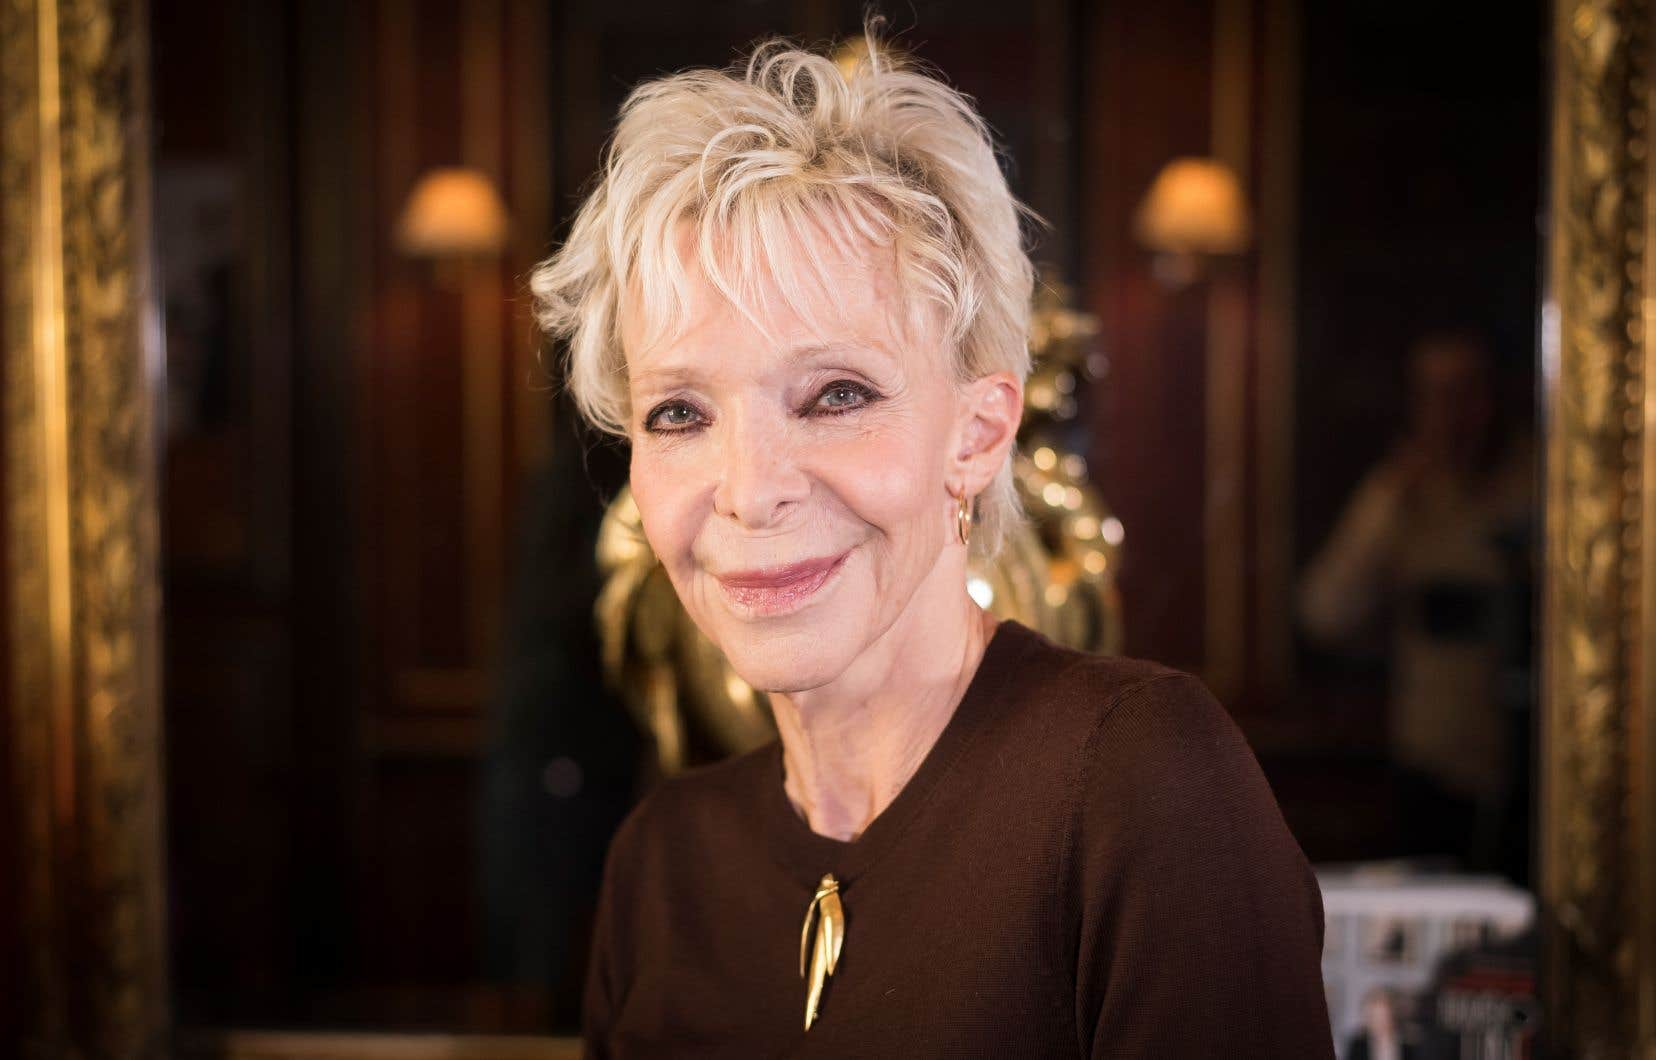 Tonie Marshall, seule femme à avoir remporté le César de la meilleure réalisation pour <em>Vénus beauté (institut)</em>en 2000, est décédée jeudi à l'âge de 68 ans.